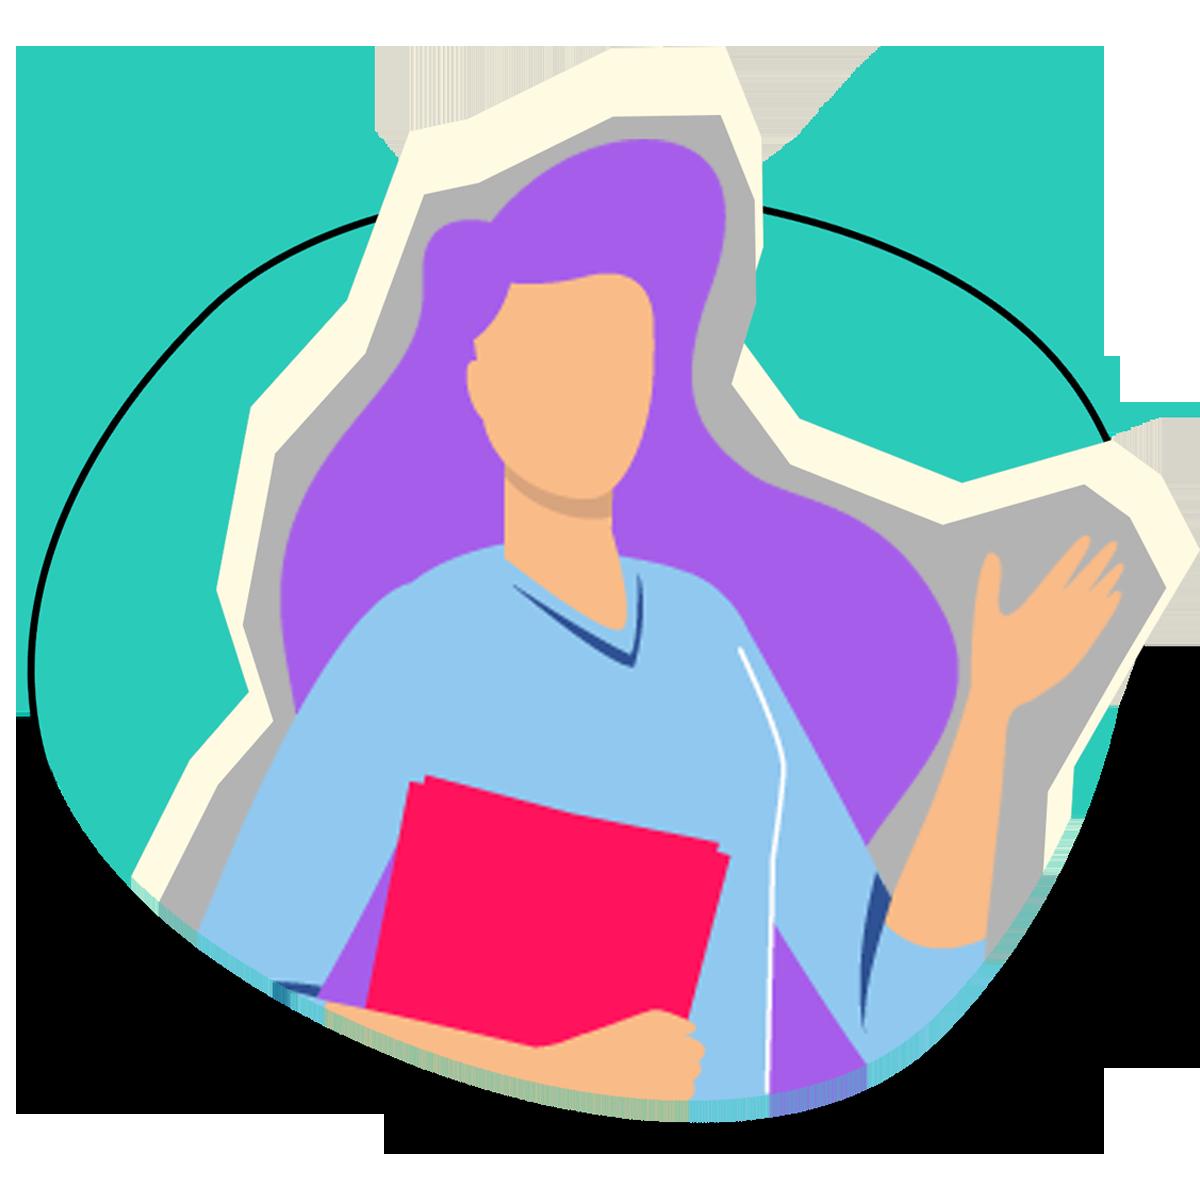 Mujer de cabello morado y playera azul sosteniendo una carpeta roja para invitar a colaboradores a unirse al equipo.